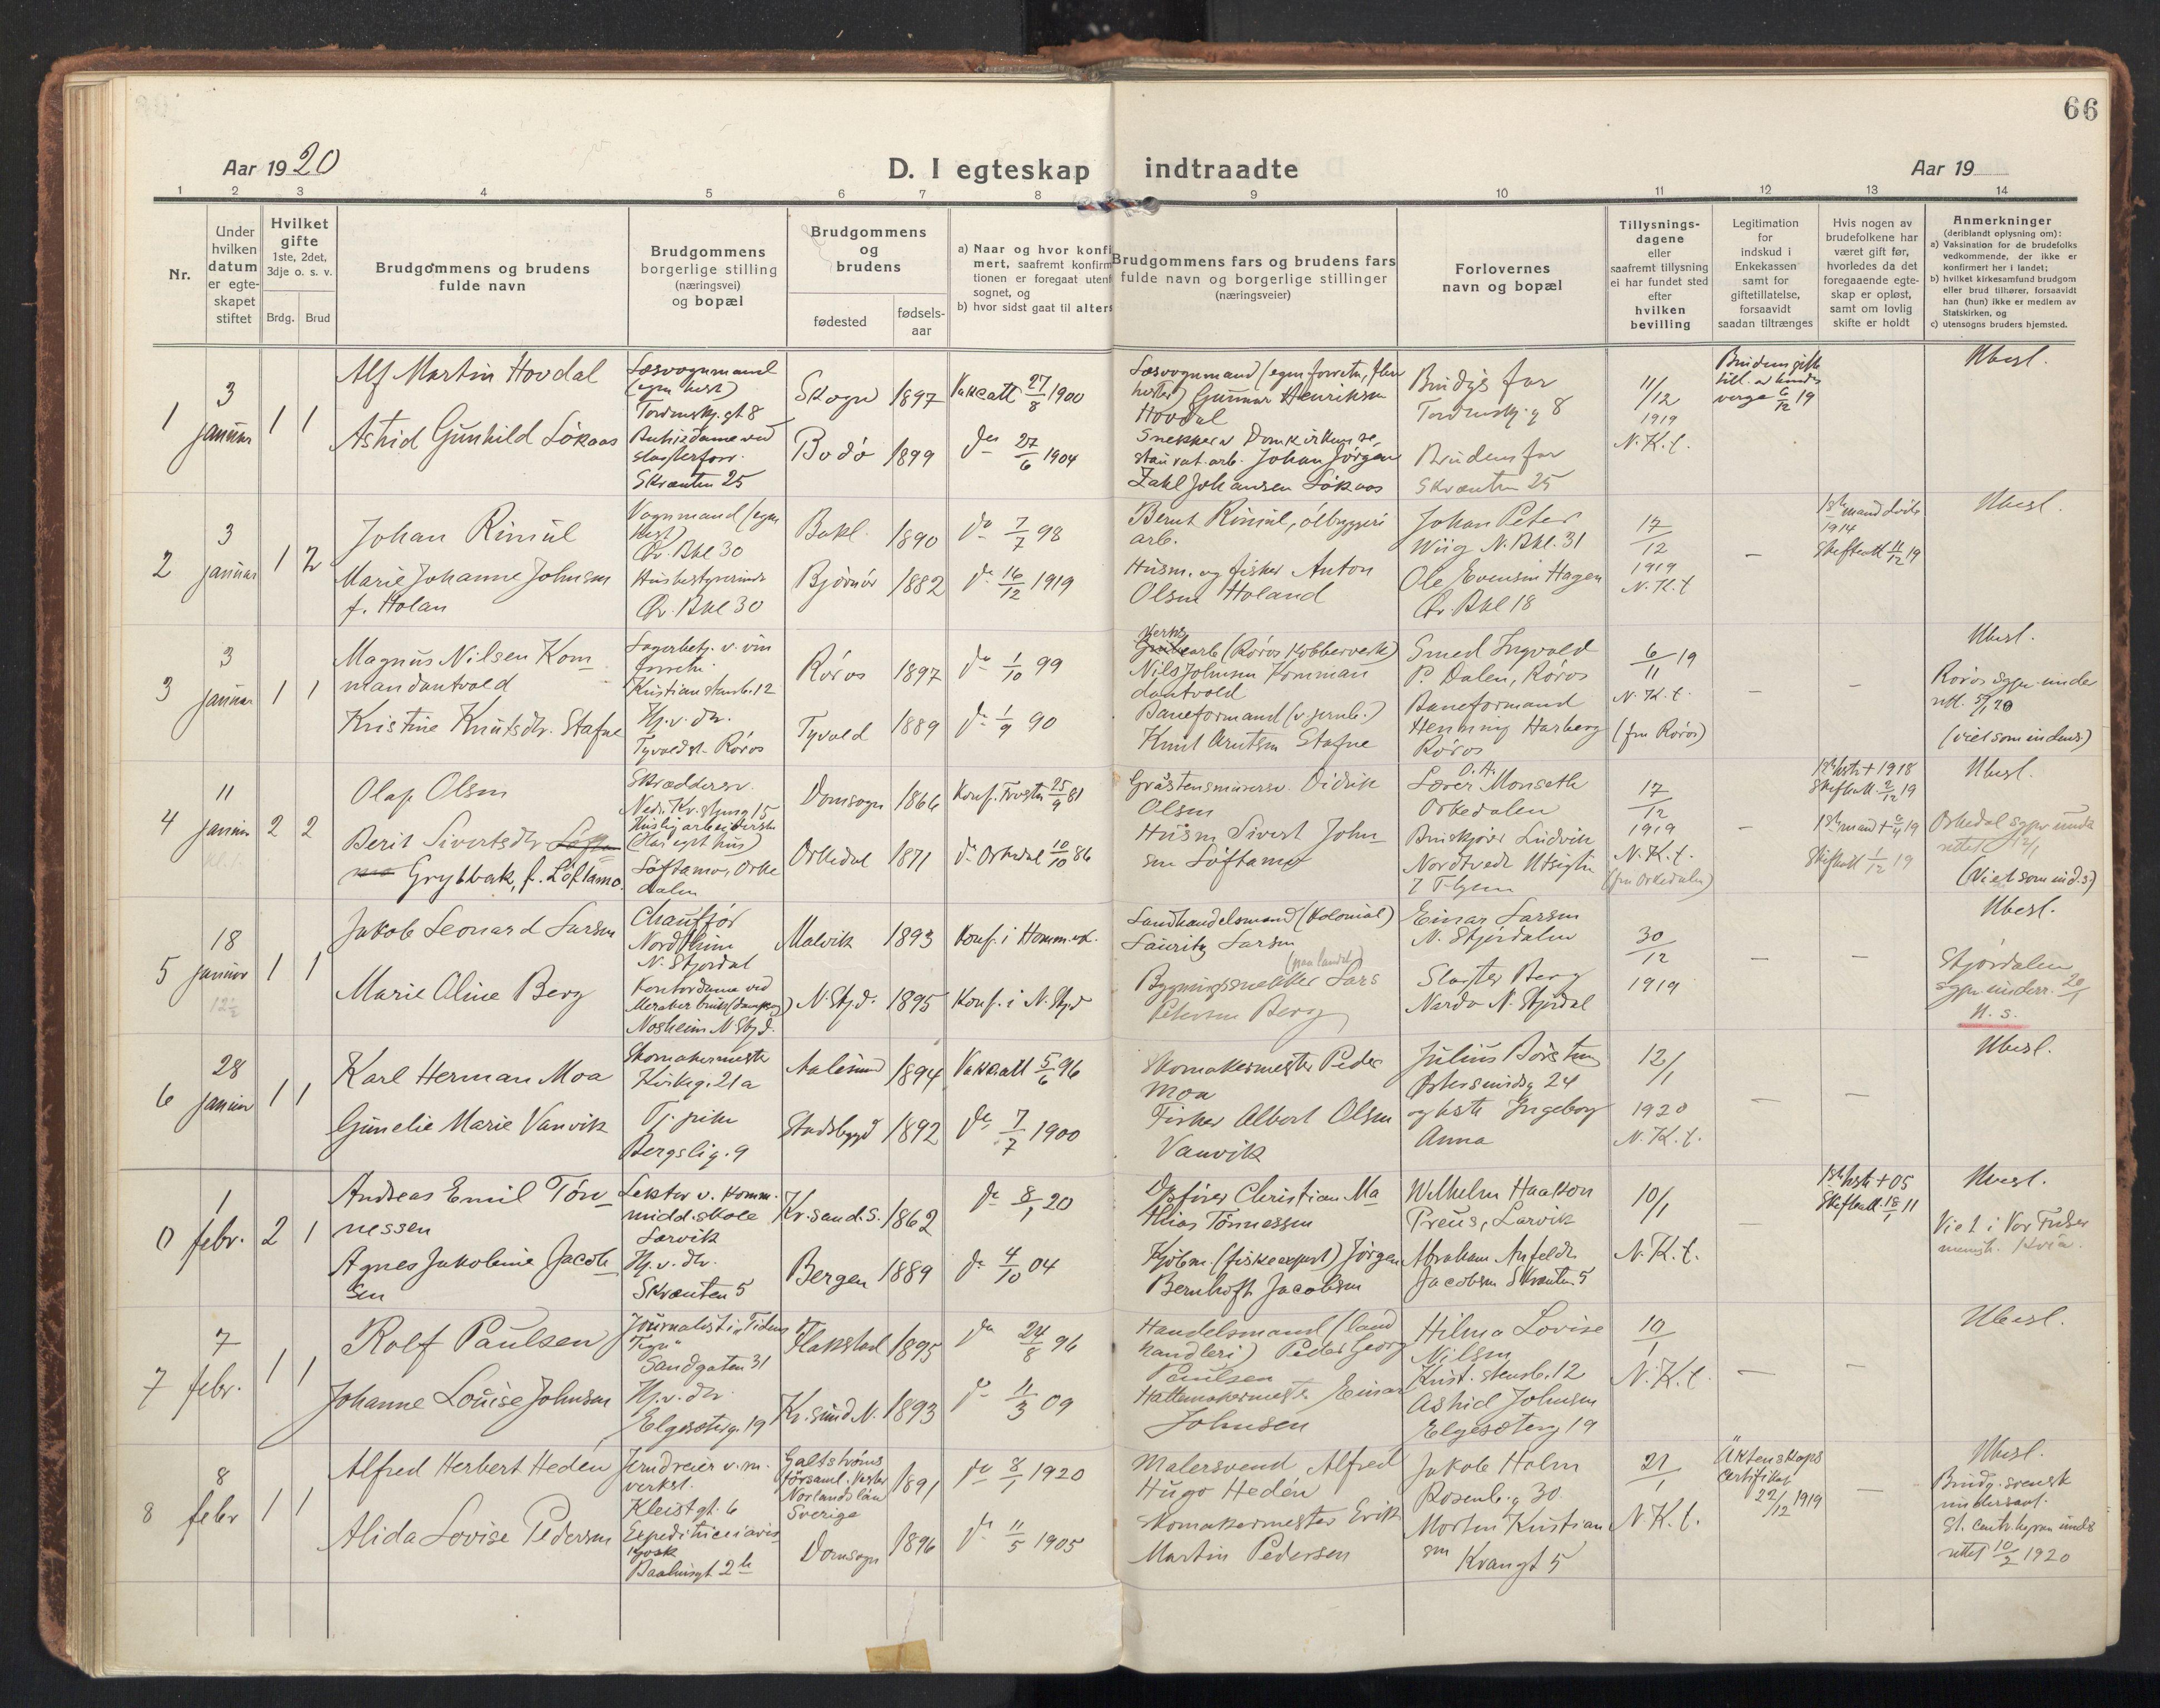 SAT, Ministerialprotokoller, klokkerbøker og fødselsregistre - Sør-Trøndelag, 604/L0206: Ministerialbok nr. 604A26, 1917-1931, s. 66